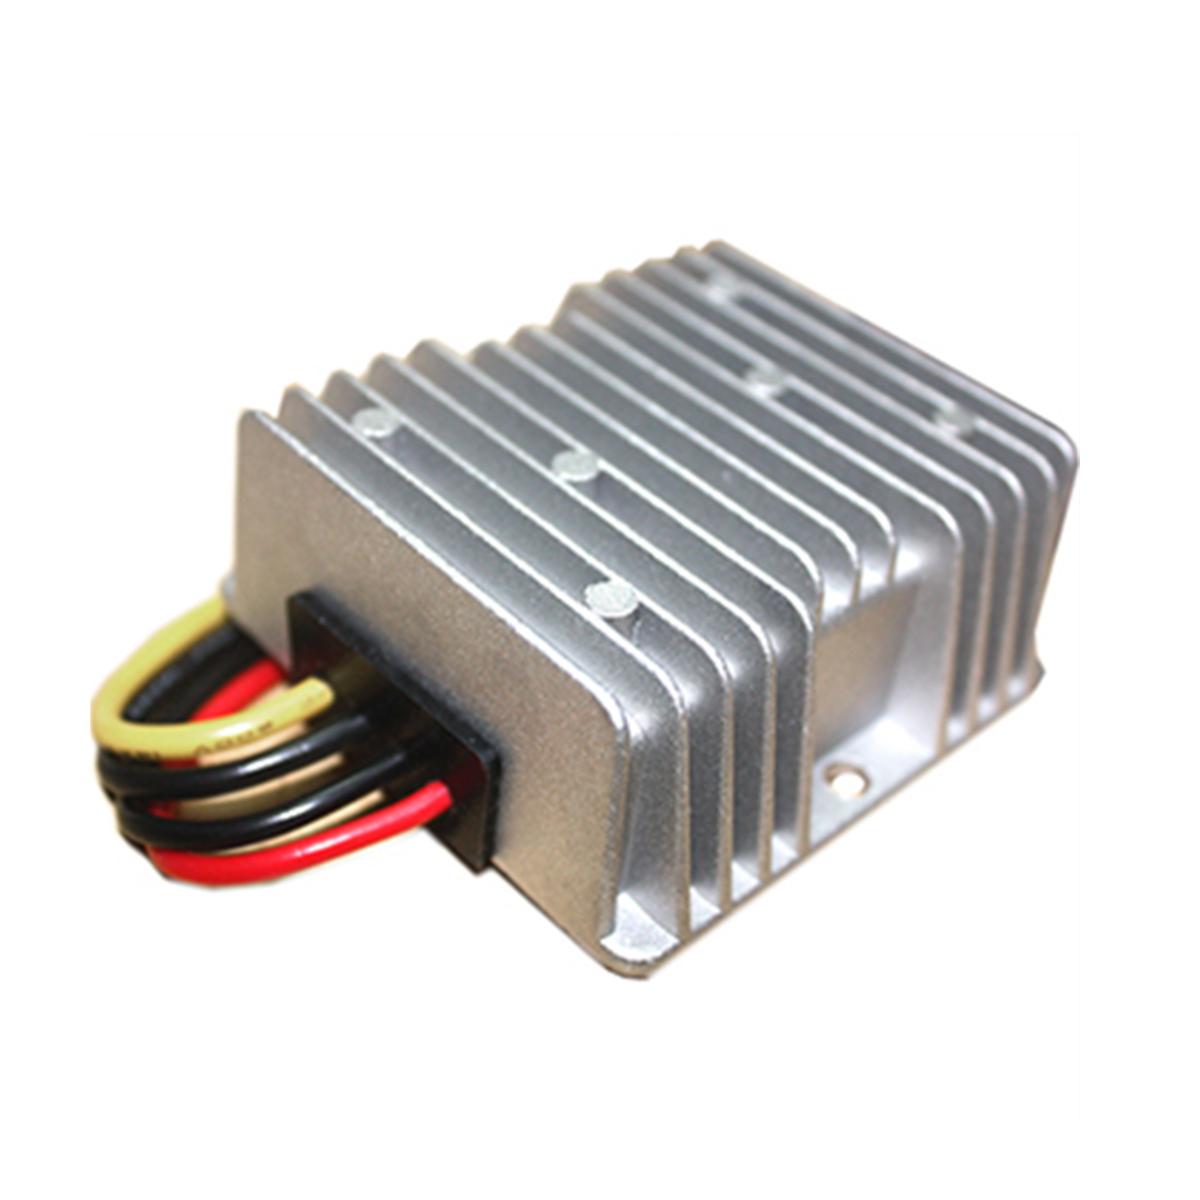 [ATI]DCU82-2054812WP DC 전압 변환기(Step down converter)38~56/ 12dc/방수형